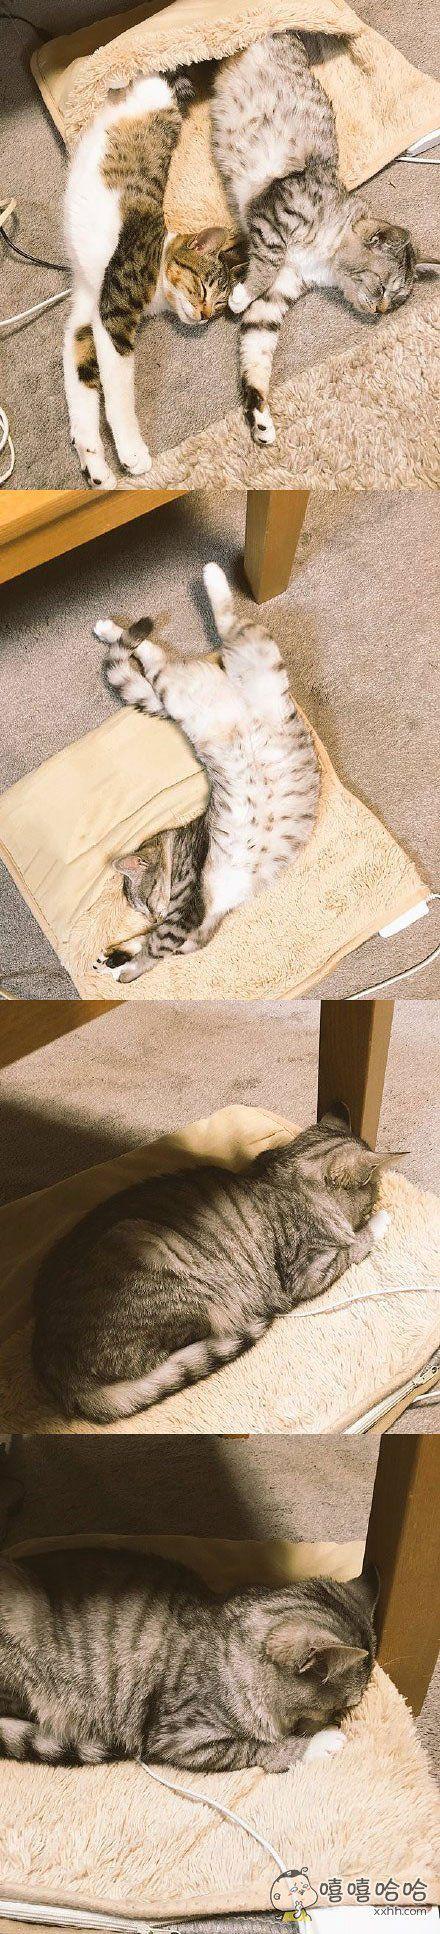 岛国一名网友为爱猫买了猫咪专用电毯,有一天出门忘记开电毯,回家发现一只喵星人已经落寞的不成样子了。